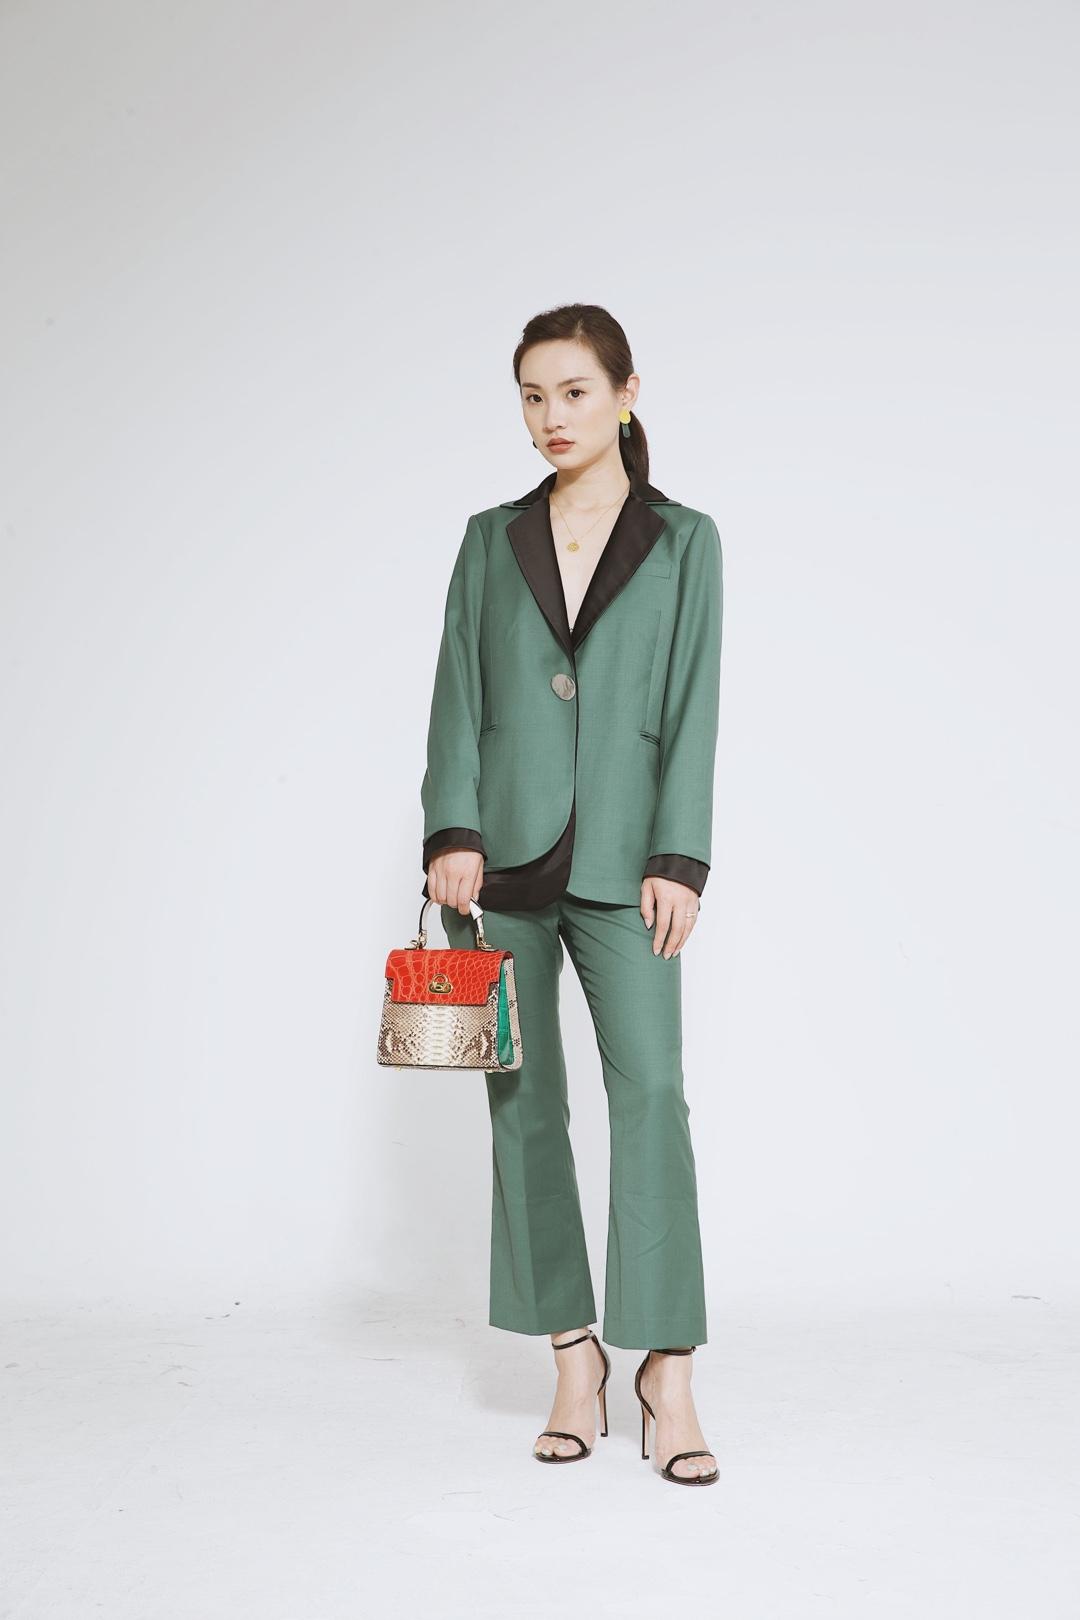 选择大面积的绿色系单品,很有春夏的气息。绿色的小格子西装,给人一种很清新的感觉。最别致精彩的,就是腰间小腰包的搭配了,很独特个性的感觉,个性又可爱,再加上一条热辣的耳环,分分钟化身街头的时尚潮人啊! #年中大促必入的网红套装#